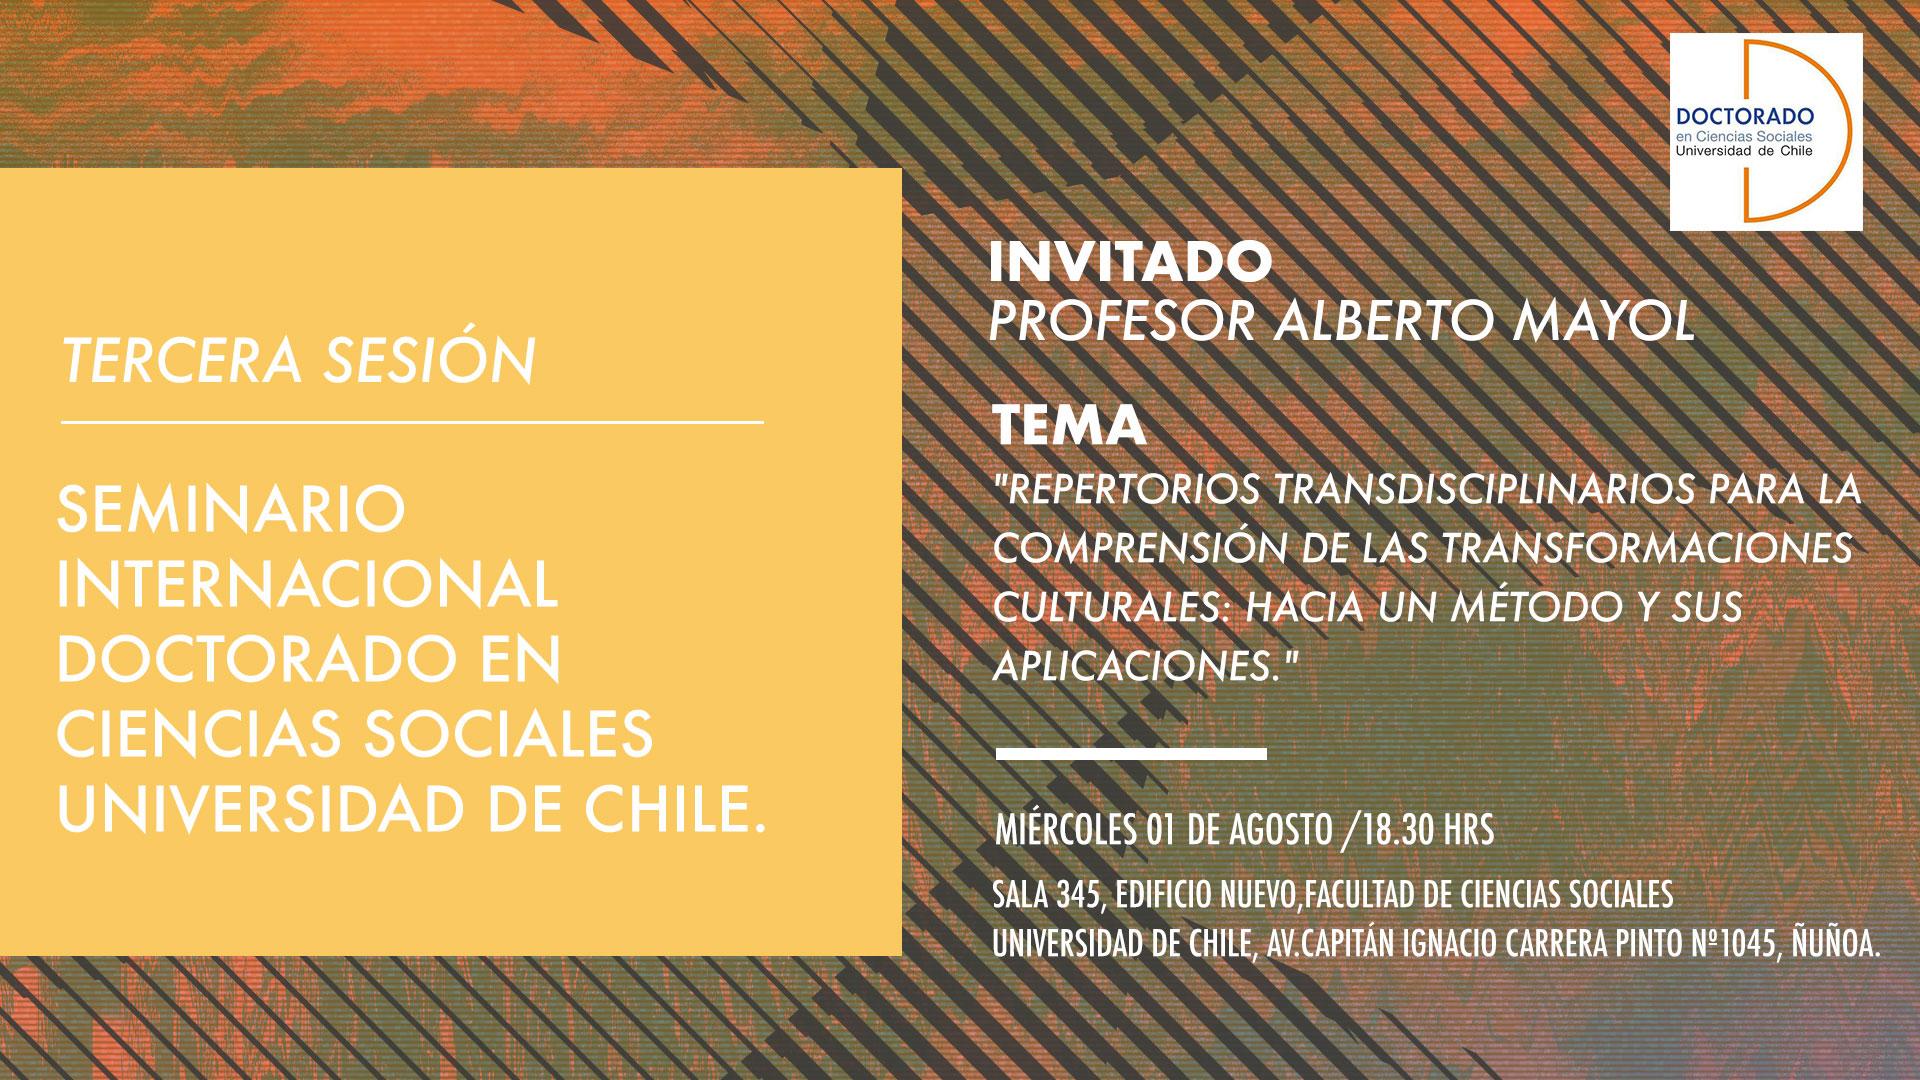 Tercera sesión seminario internacional. Invitado: Prof. Alberto Mayol.